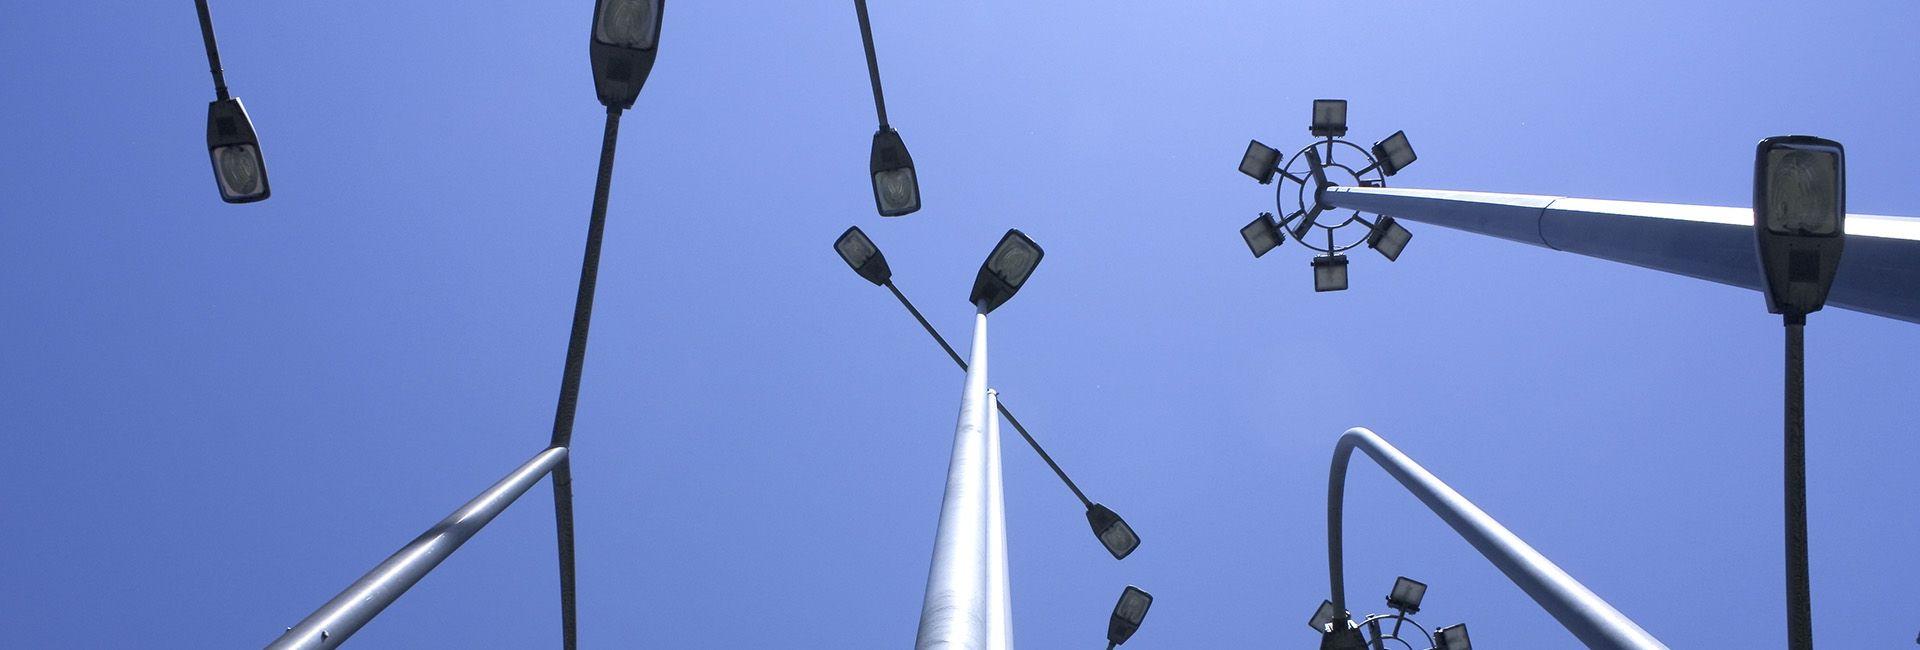 Brazos tipo Arco Mural y crucetas para luminarias y proyectores